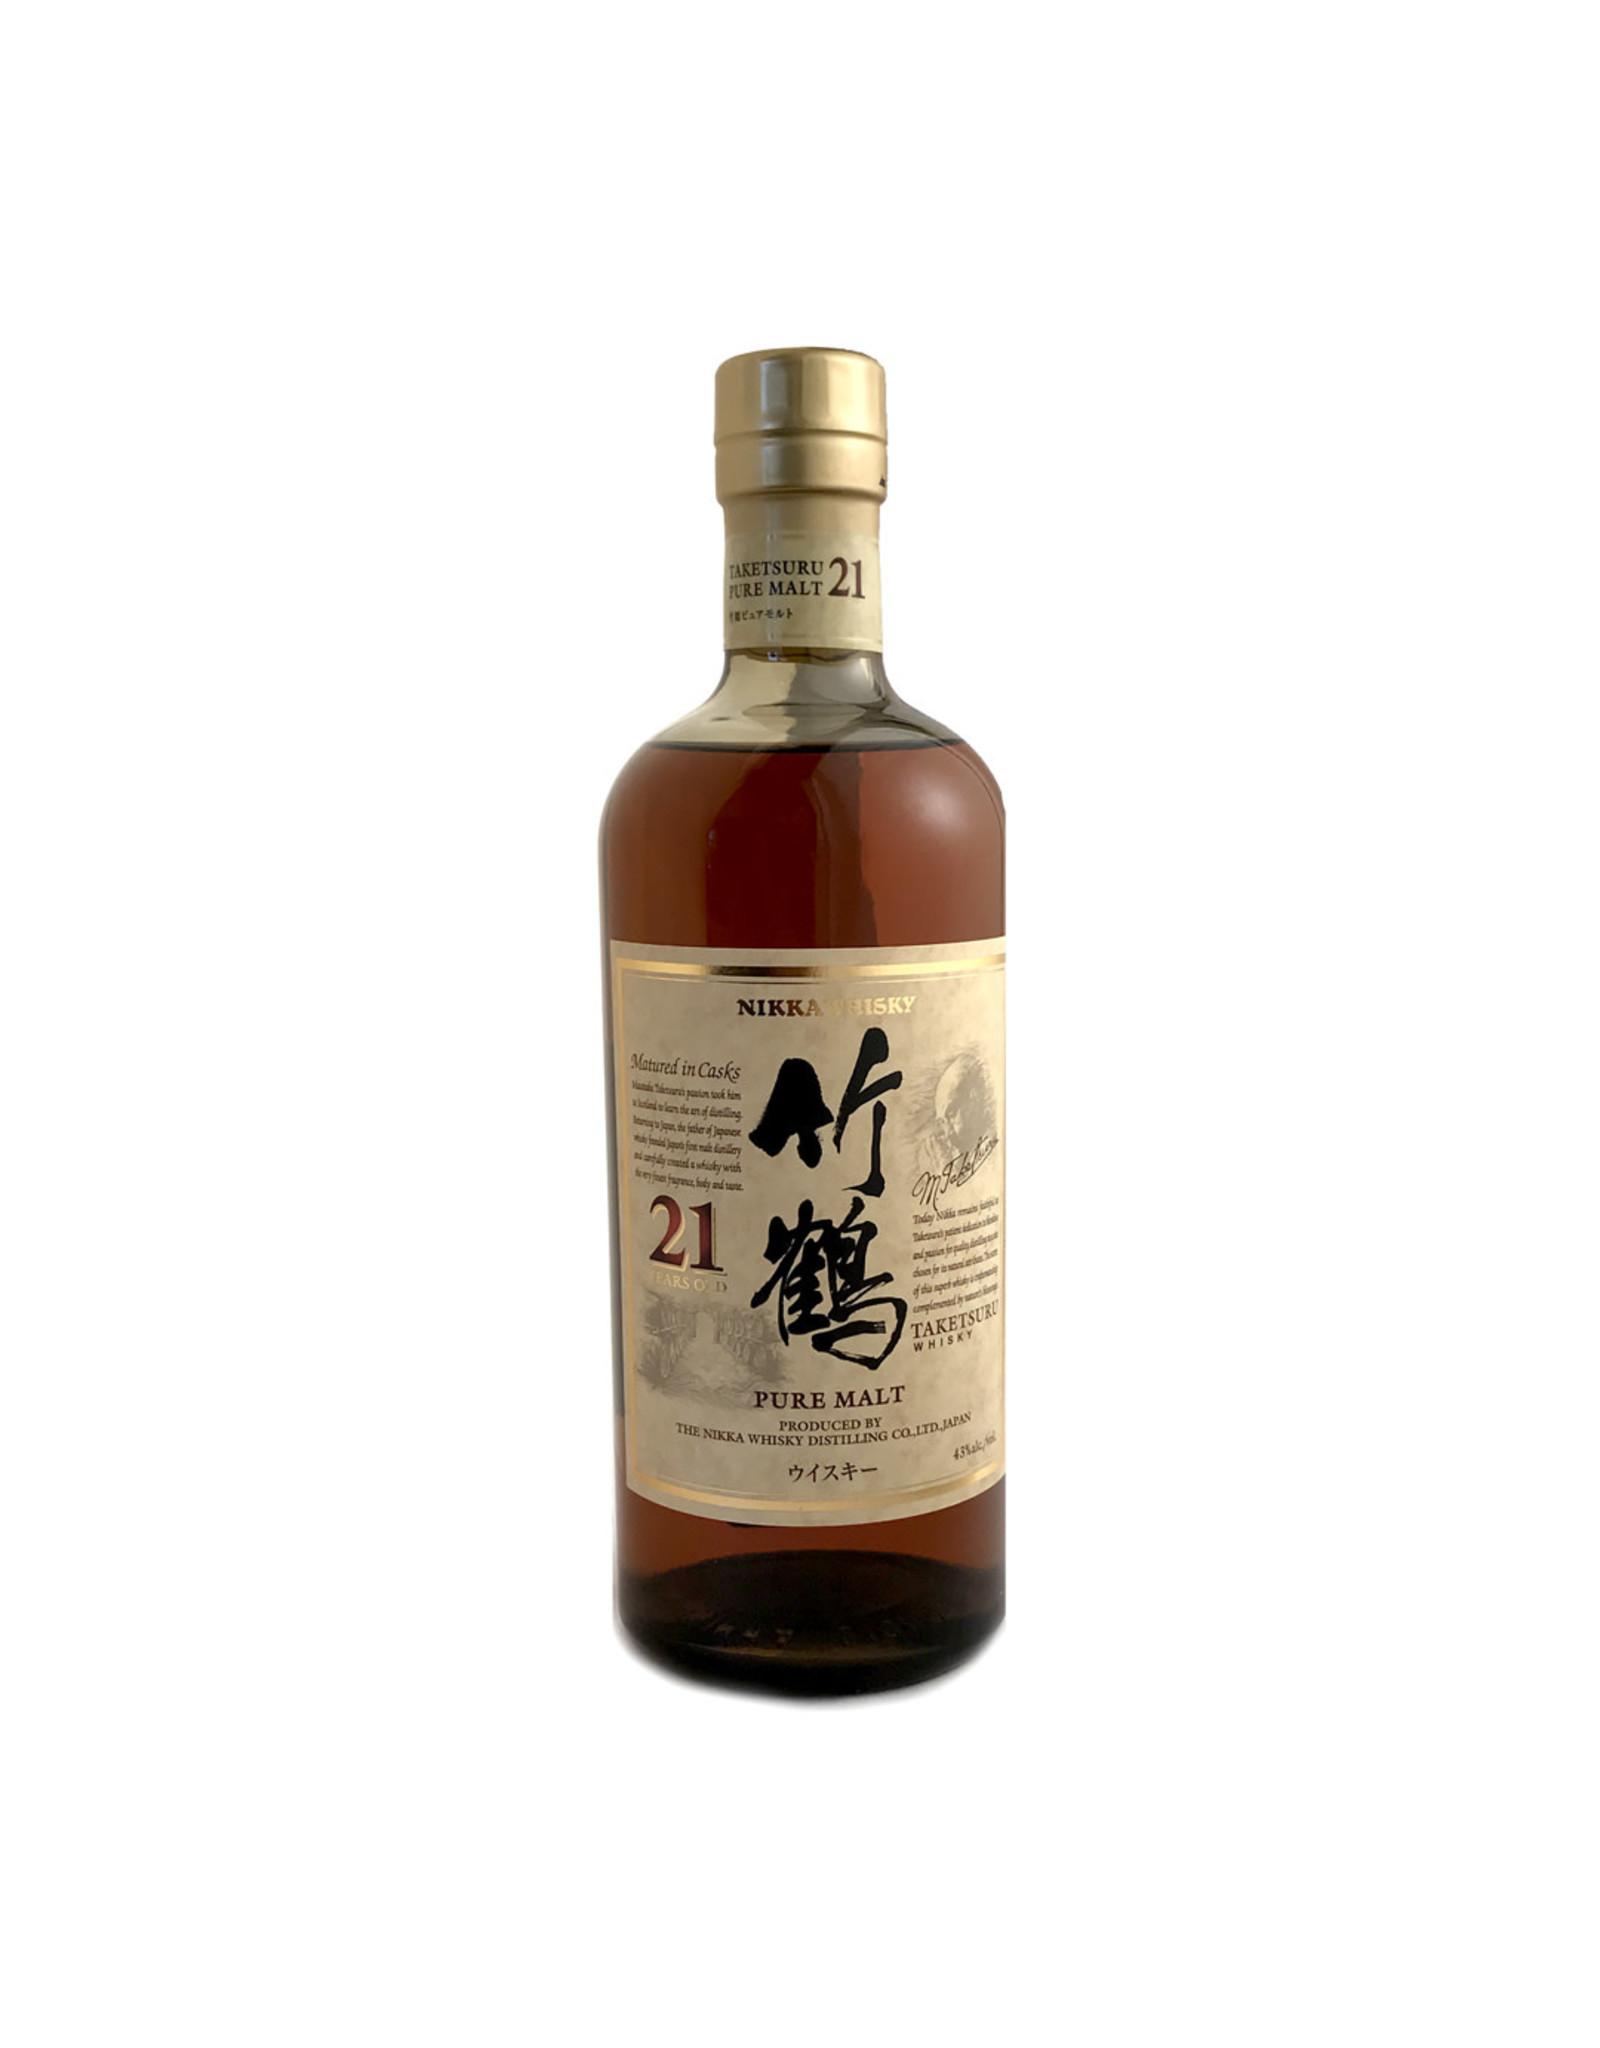 Nikka Nikka Taketsuru Pure Malt 21 Yr